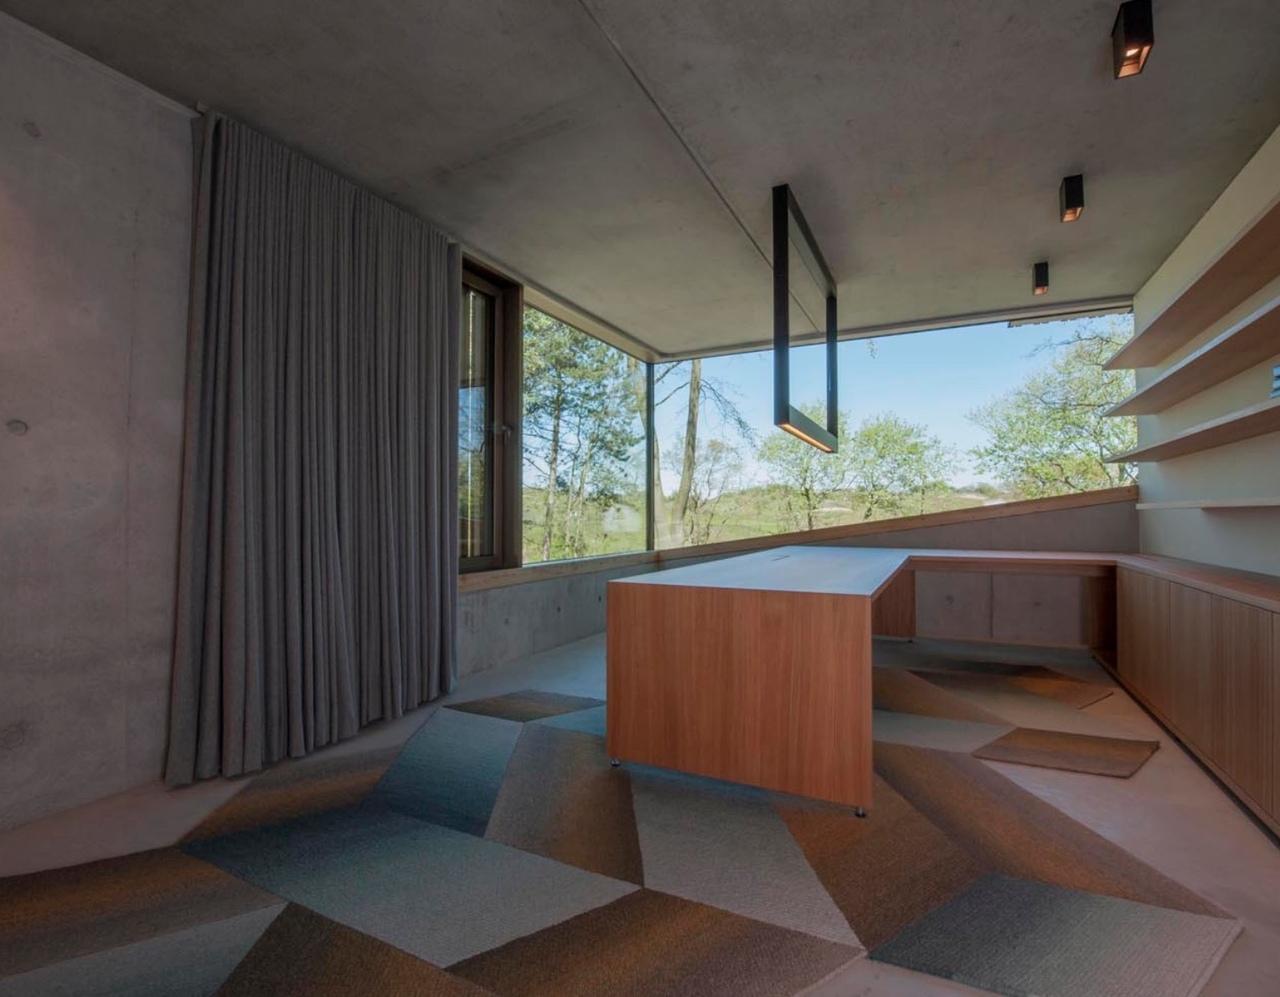 Вилла Meijendel от VVKH architecten, Нидерланды.